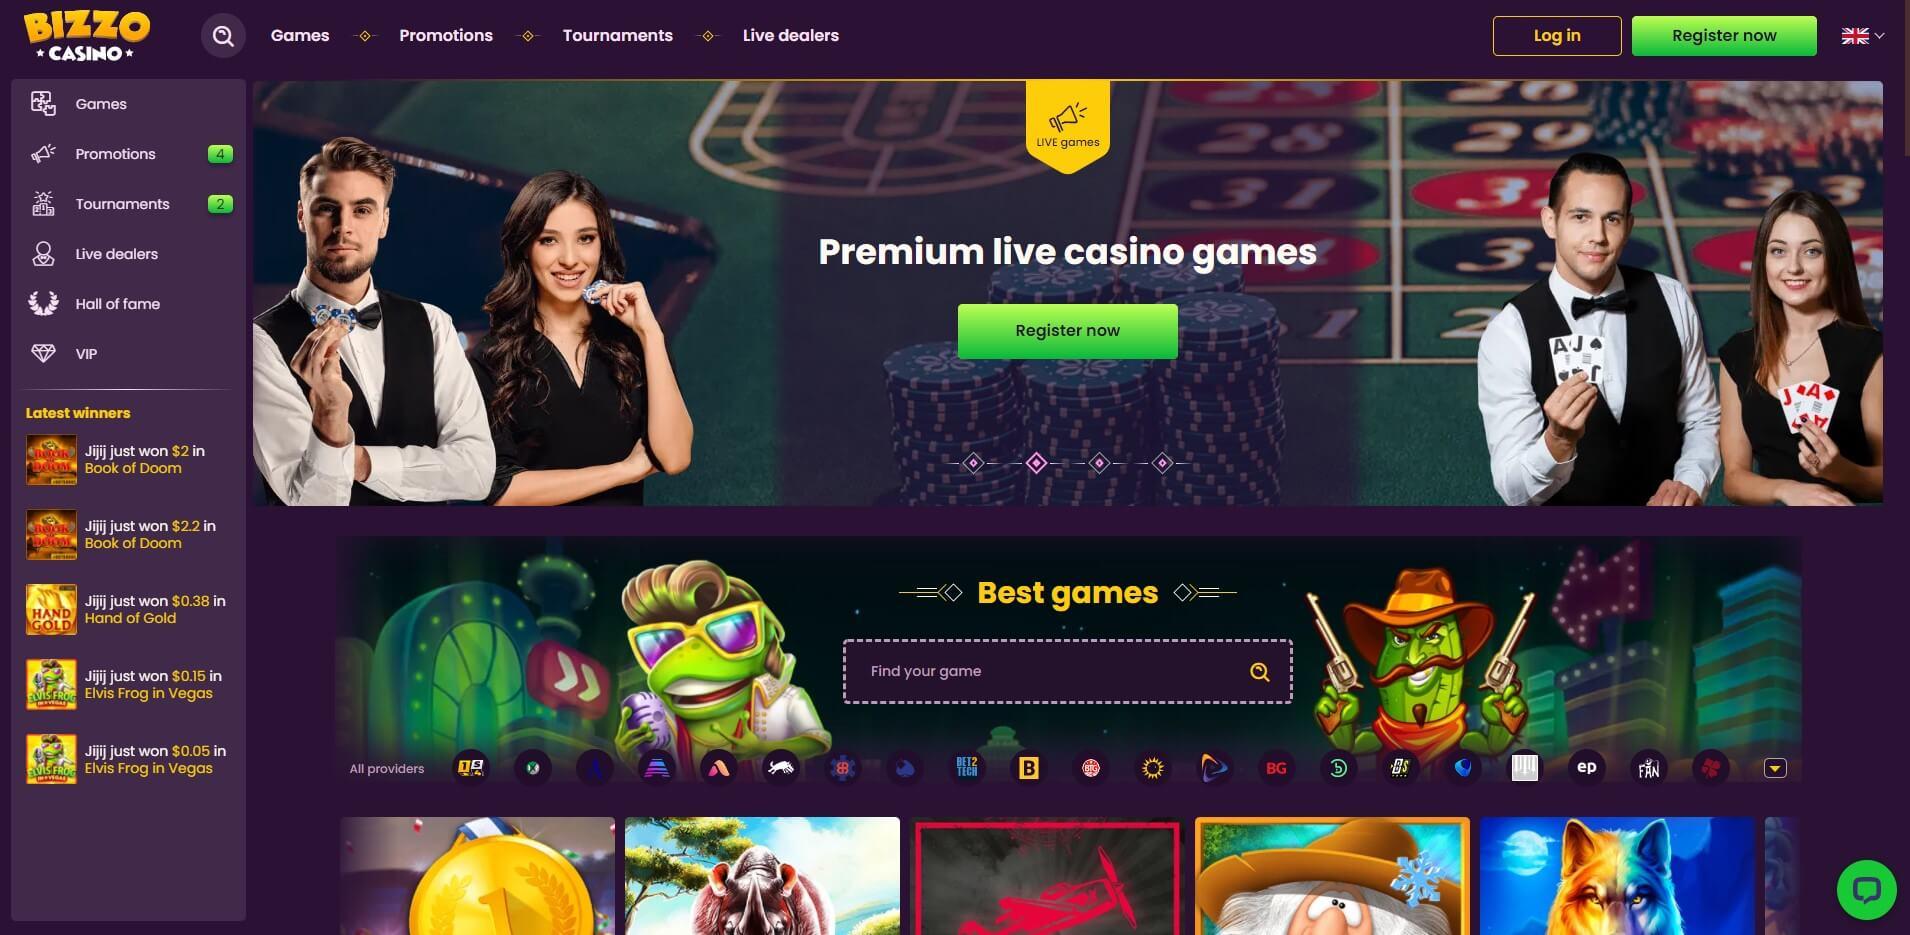 bizzocasino.com - Website Review